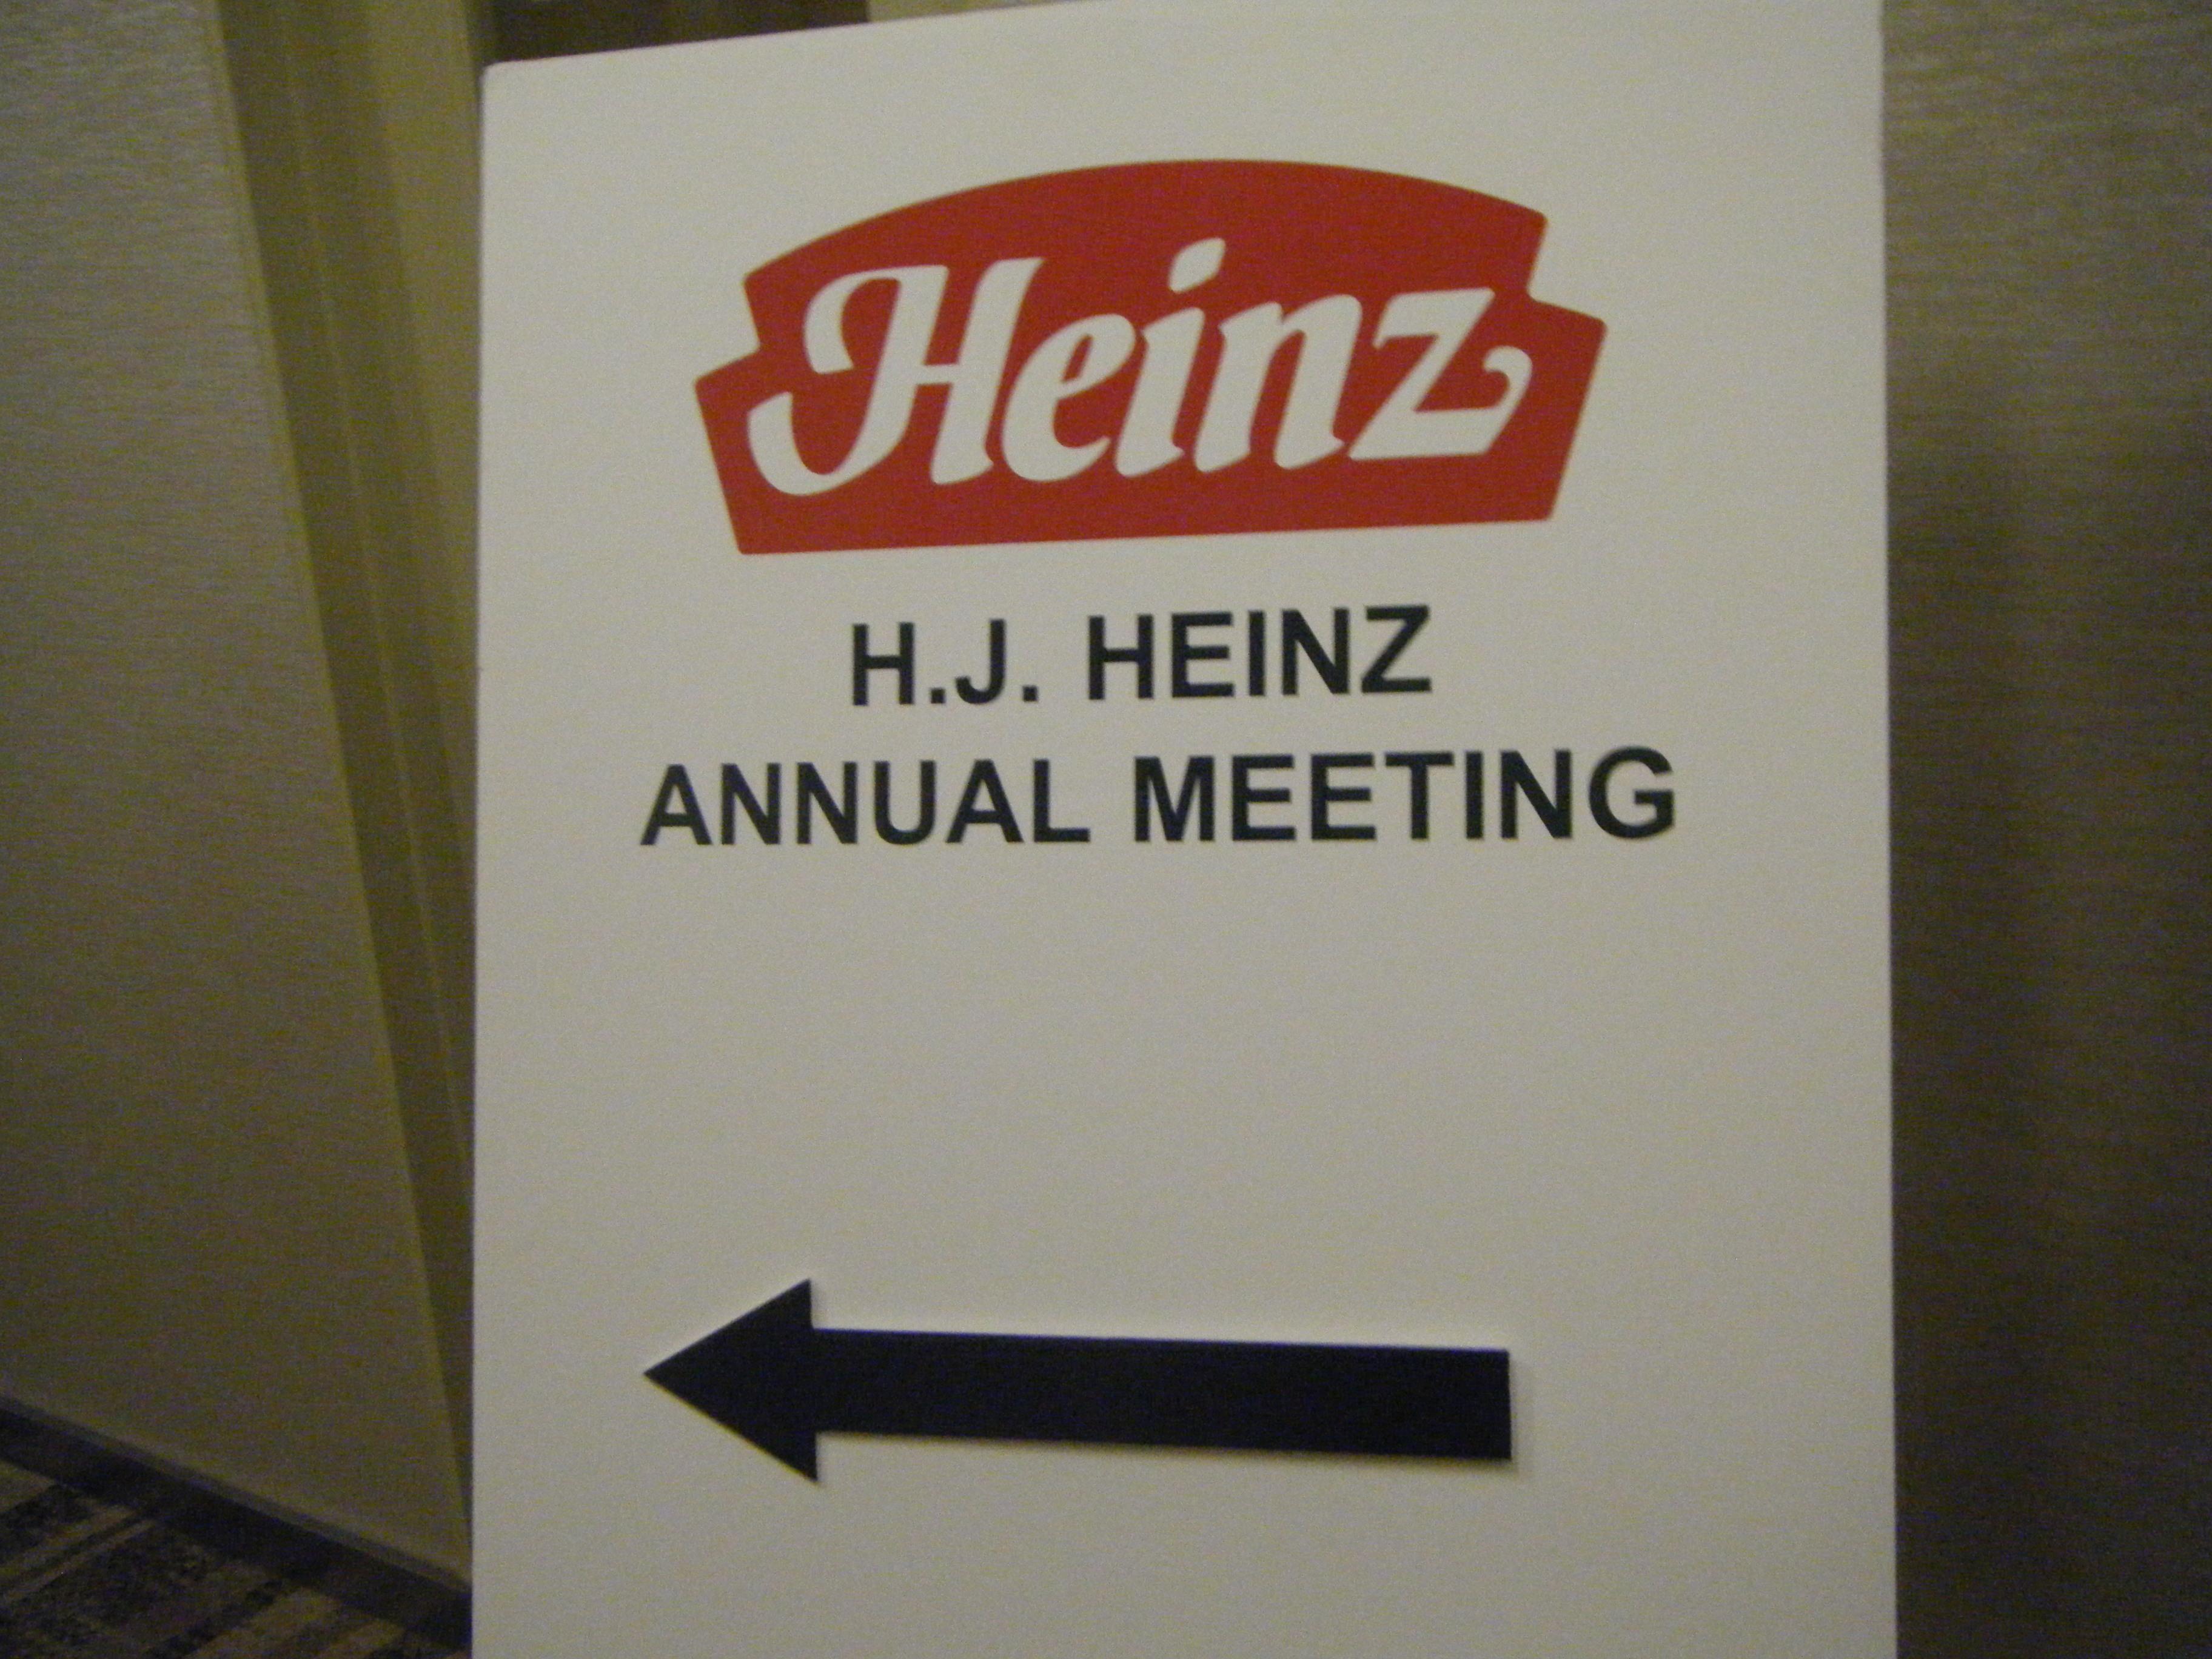 記事:株主総会レポート アメリカ編 H.J. Heinz Companyのイメージ画像